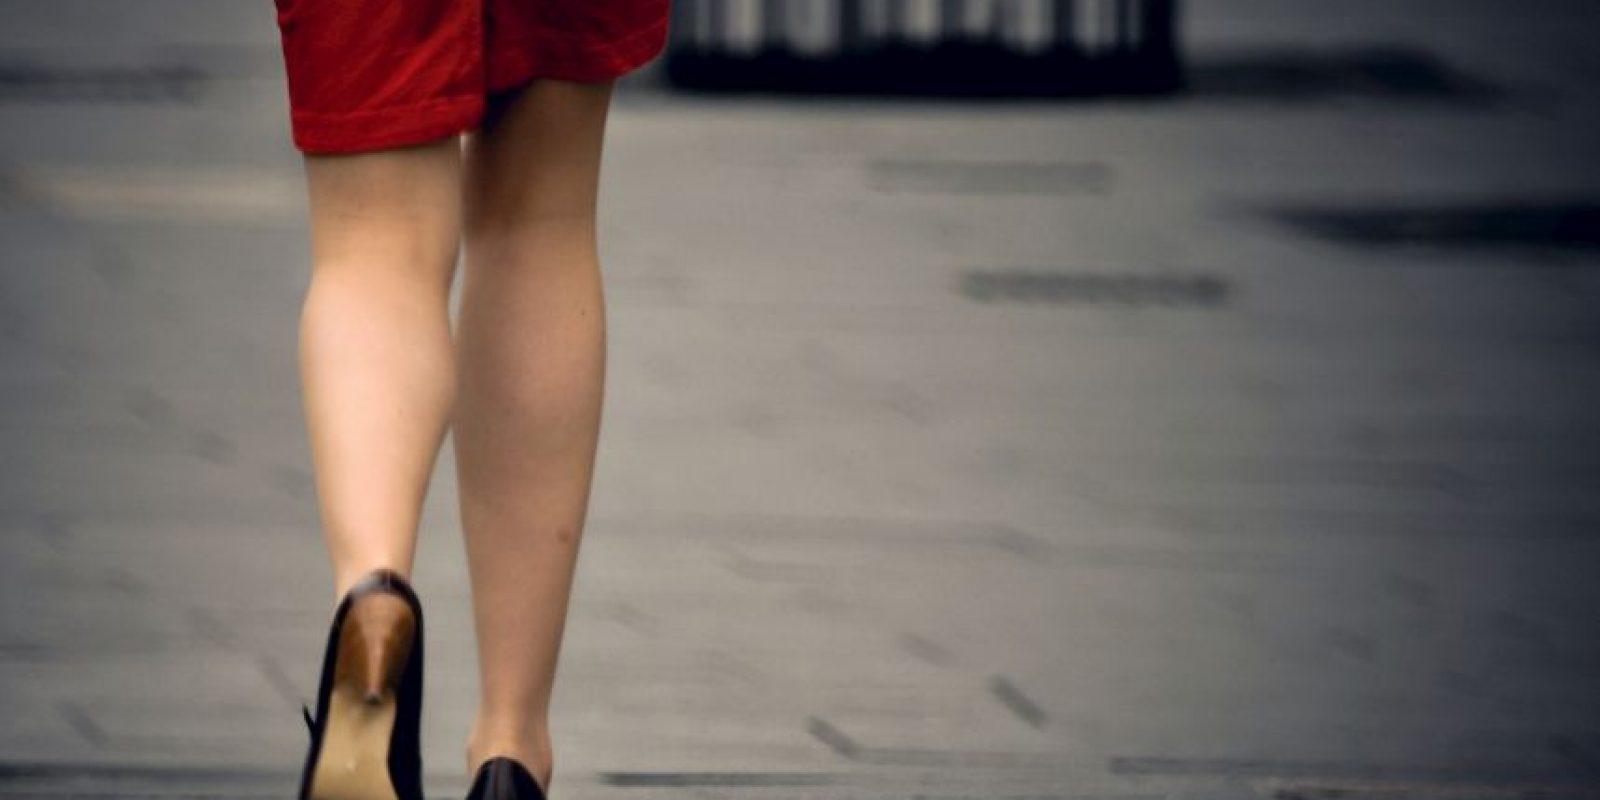 Los resultados mostraron que las mujeres a dieta comían cinco veces más chocolate en la prueba de sabor si comieron la barra inicial de cereales mientras estaban caminando. Foto:Getty Images